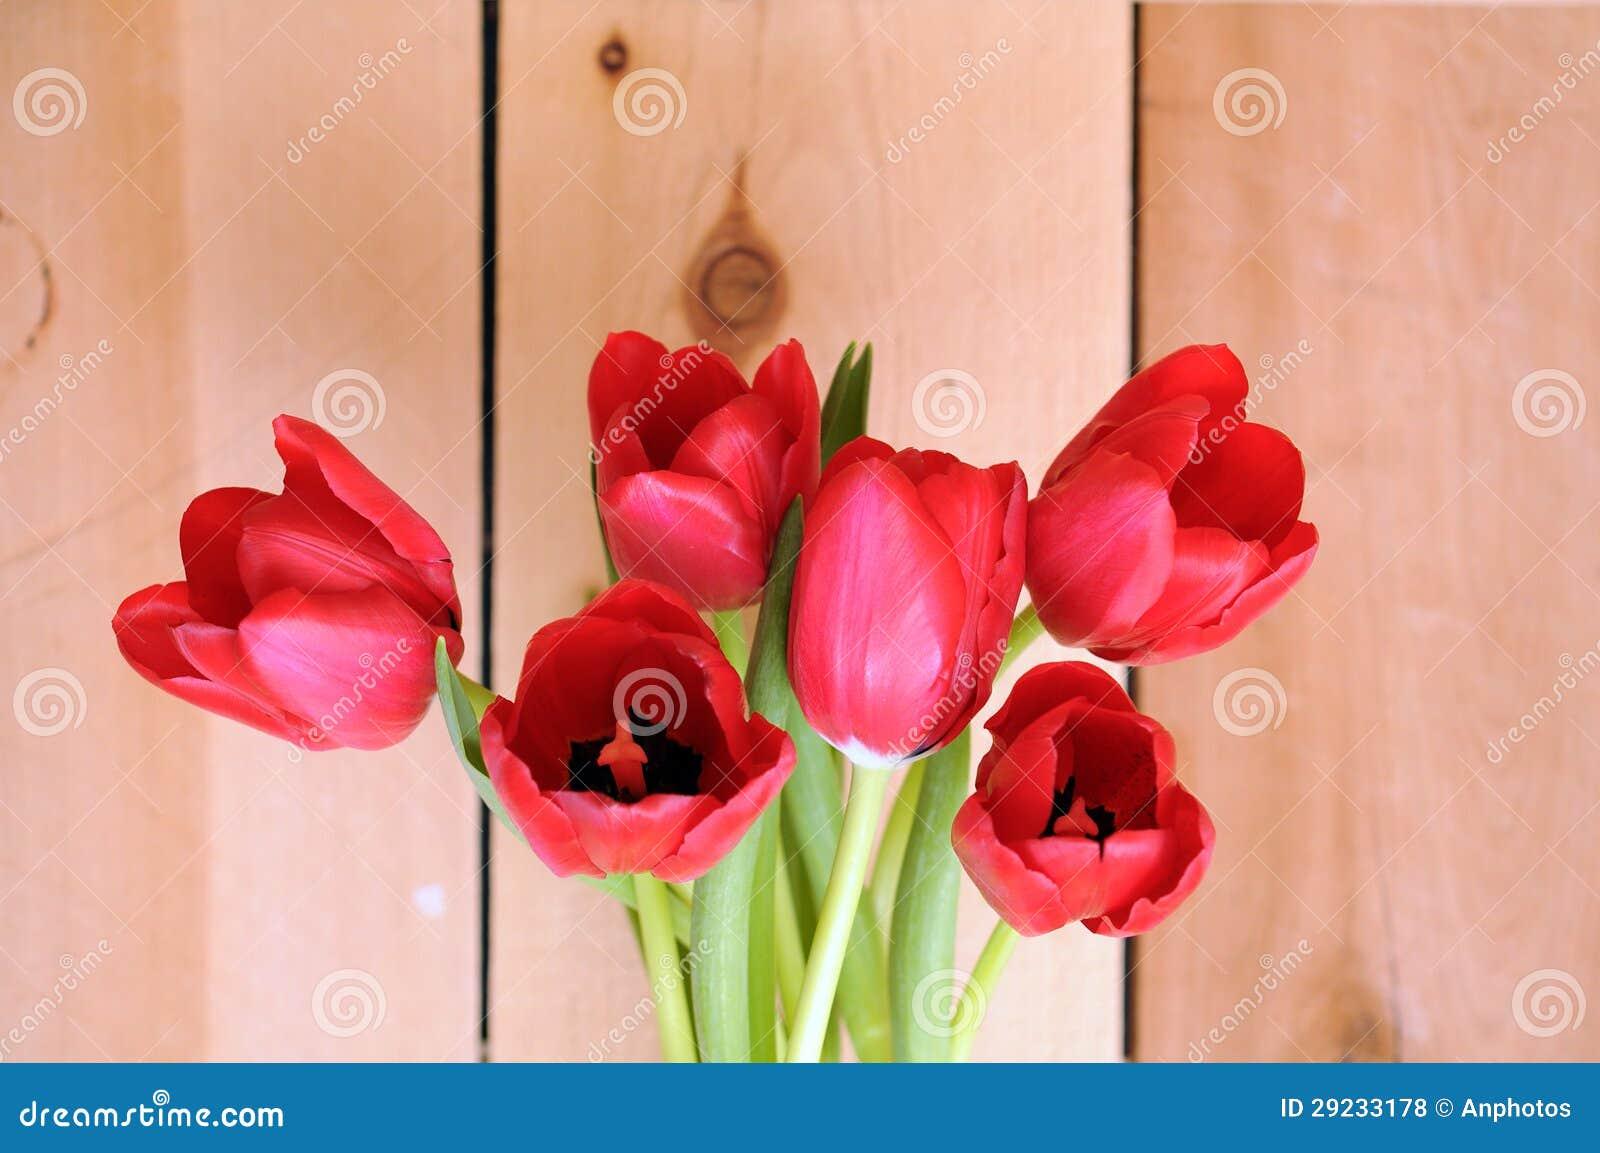 Download Tulipa vermelha foto de stock. Imagem de matrizes, flora - 29233178